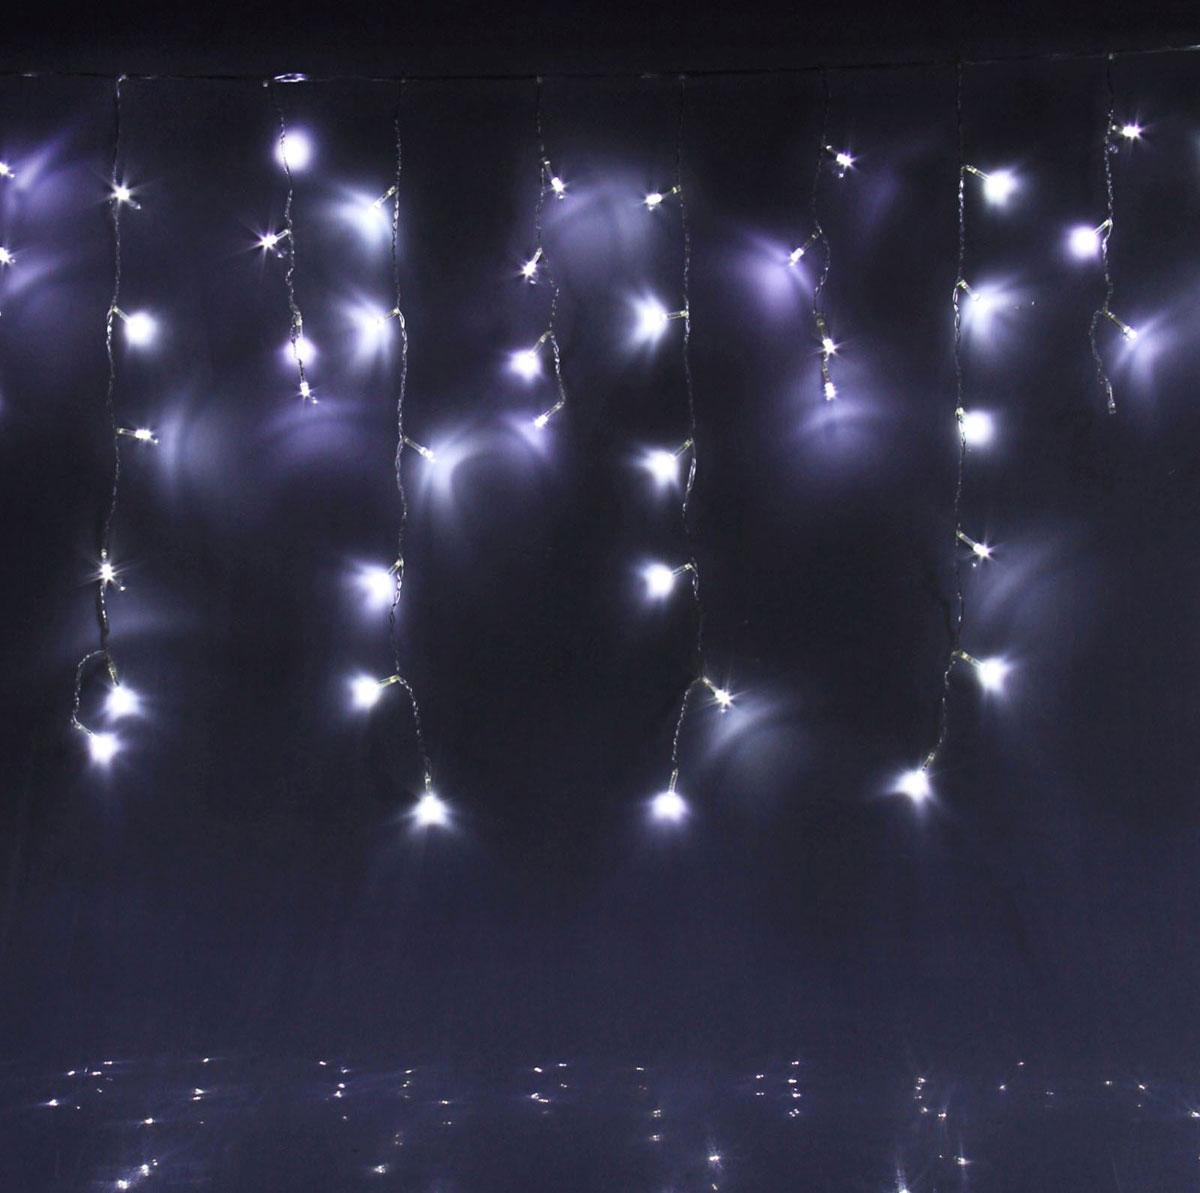 Гирлянда светодиодная Luazon Бахрома, уличная, 8 режимов, 60 ламп, 220V, цвет: белый, 1 х 0,6 м. 705904705904Светодиодные гирлянды, ленты и т.д — это отличный вариант для новогоднего оформления интерьера или фасада. С их помощью помещение любого размера можно превратить в праздничный зал, а внешние элементы зданий, украшенные ими, мгновенно станут напоминать очертания сказочного дворца. Такие украшения создают ауру предвкушения чуда. Деревья, фасады, витрины, окна и арки будто специально созданы, чтобы вы украсили их светящимися нитями.